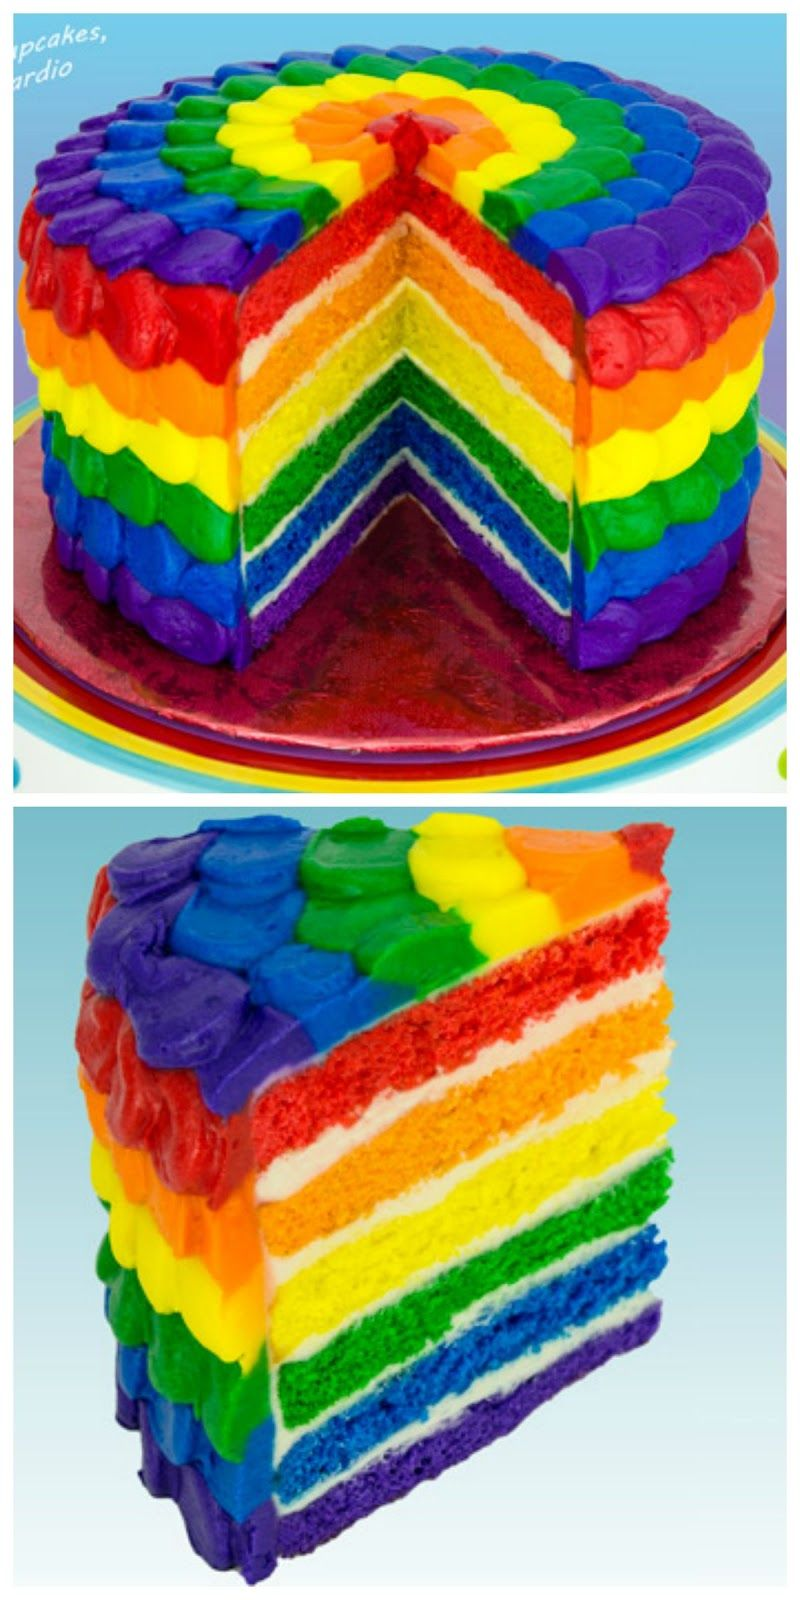 Recipe How To Make A Rainbow Cake Tutorial Handy Homemade